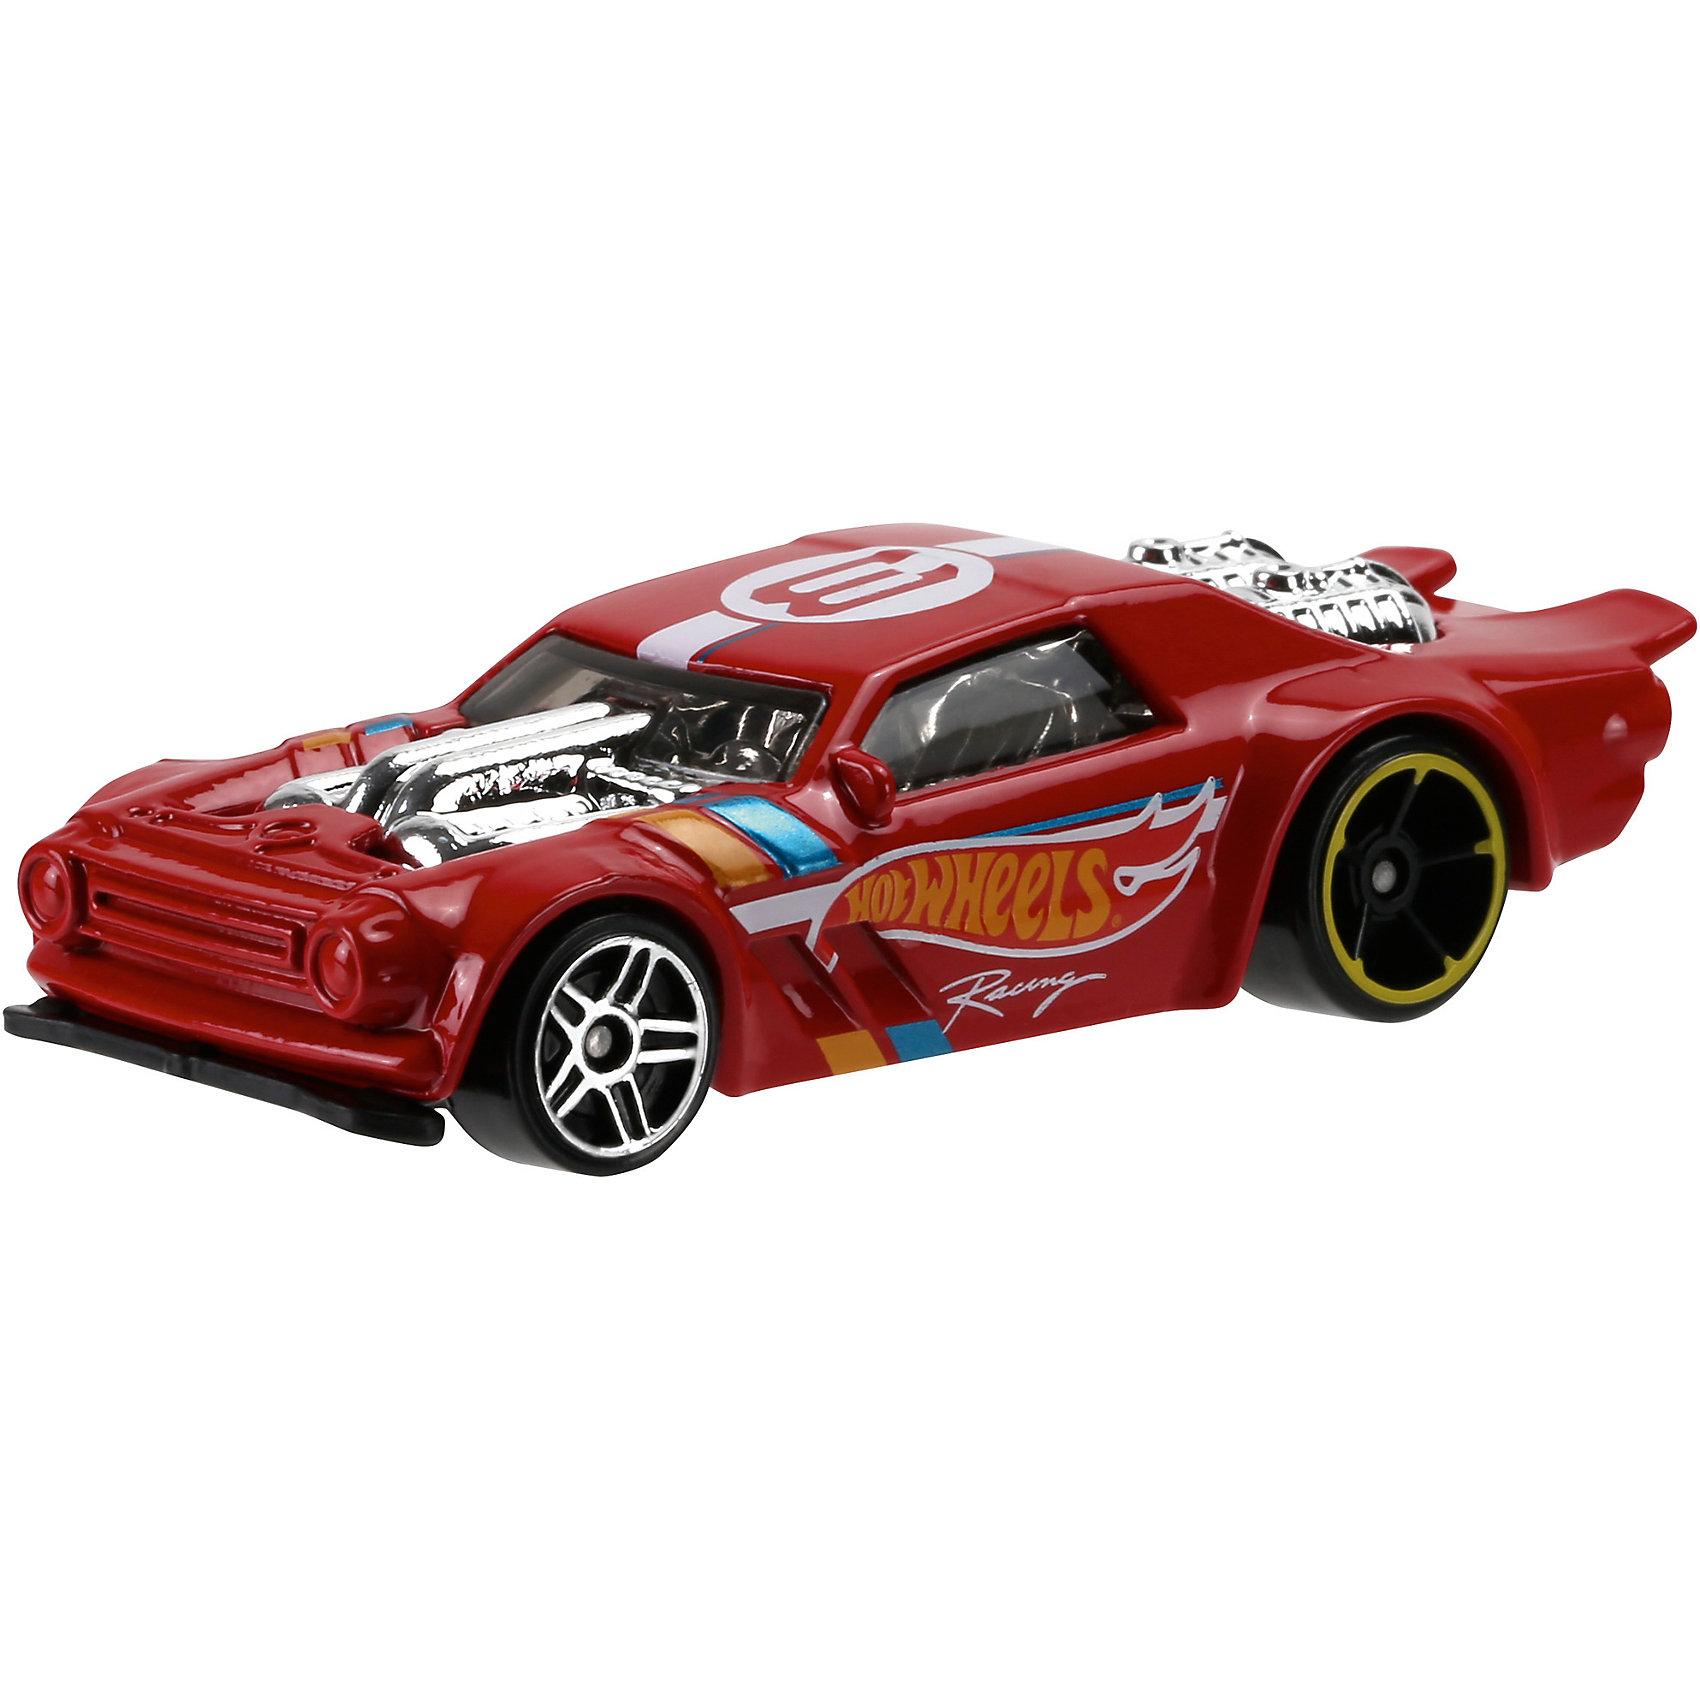 Машинка Hot Wheels из базовой коллекцииМашинка Hot Wheels из базовой коллекции – высококачественная масштабная модель машины, имеющая неординарный, радикальный дизайн. <br><br>В упаковке 1 машинка,  машинки тематически обусловлены от фантазийных, спасательных до экстремальных и просто скоростных машин. <br><br>Соберите свою коллекцию машинок Hot Wheels!<br><br>Дополнительная информация: <br><br>Машинка стандартного размера Hot Wheels<br>Размер упаковки: 11 х 10,5 х 3,5 см<br><br>Ширина мм: 110<br>Глубина мм: 45<br>Высота мм: 110<br>Вес г: 30<br>Возраст от месяцев: 36<br>Возраст до месяцев: 96<br>Пол: Мужской<br>Возраст: Детский<br>SKU: 5033411